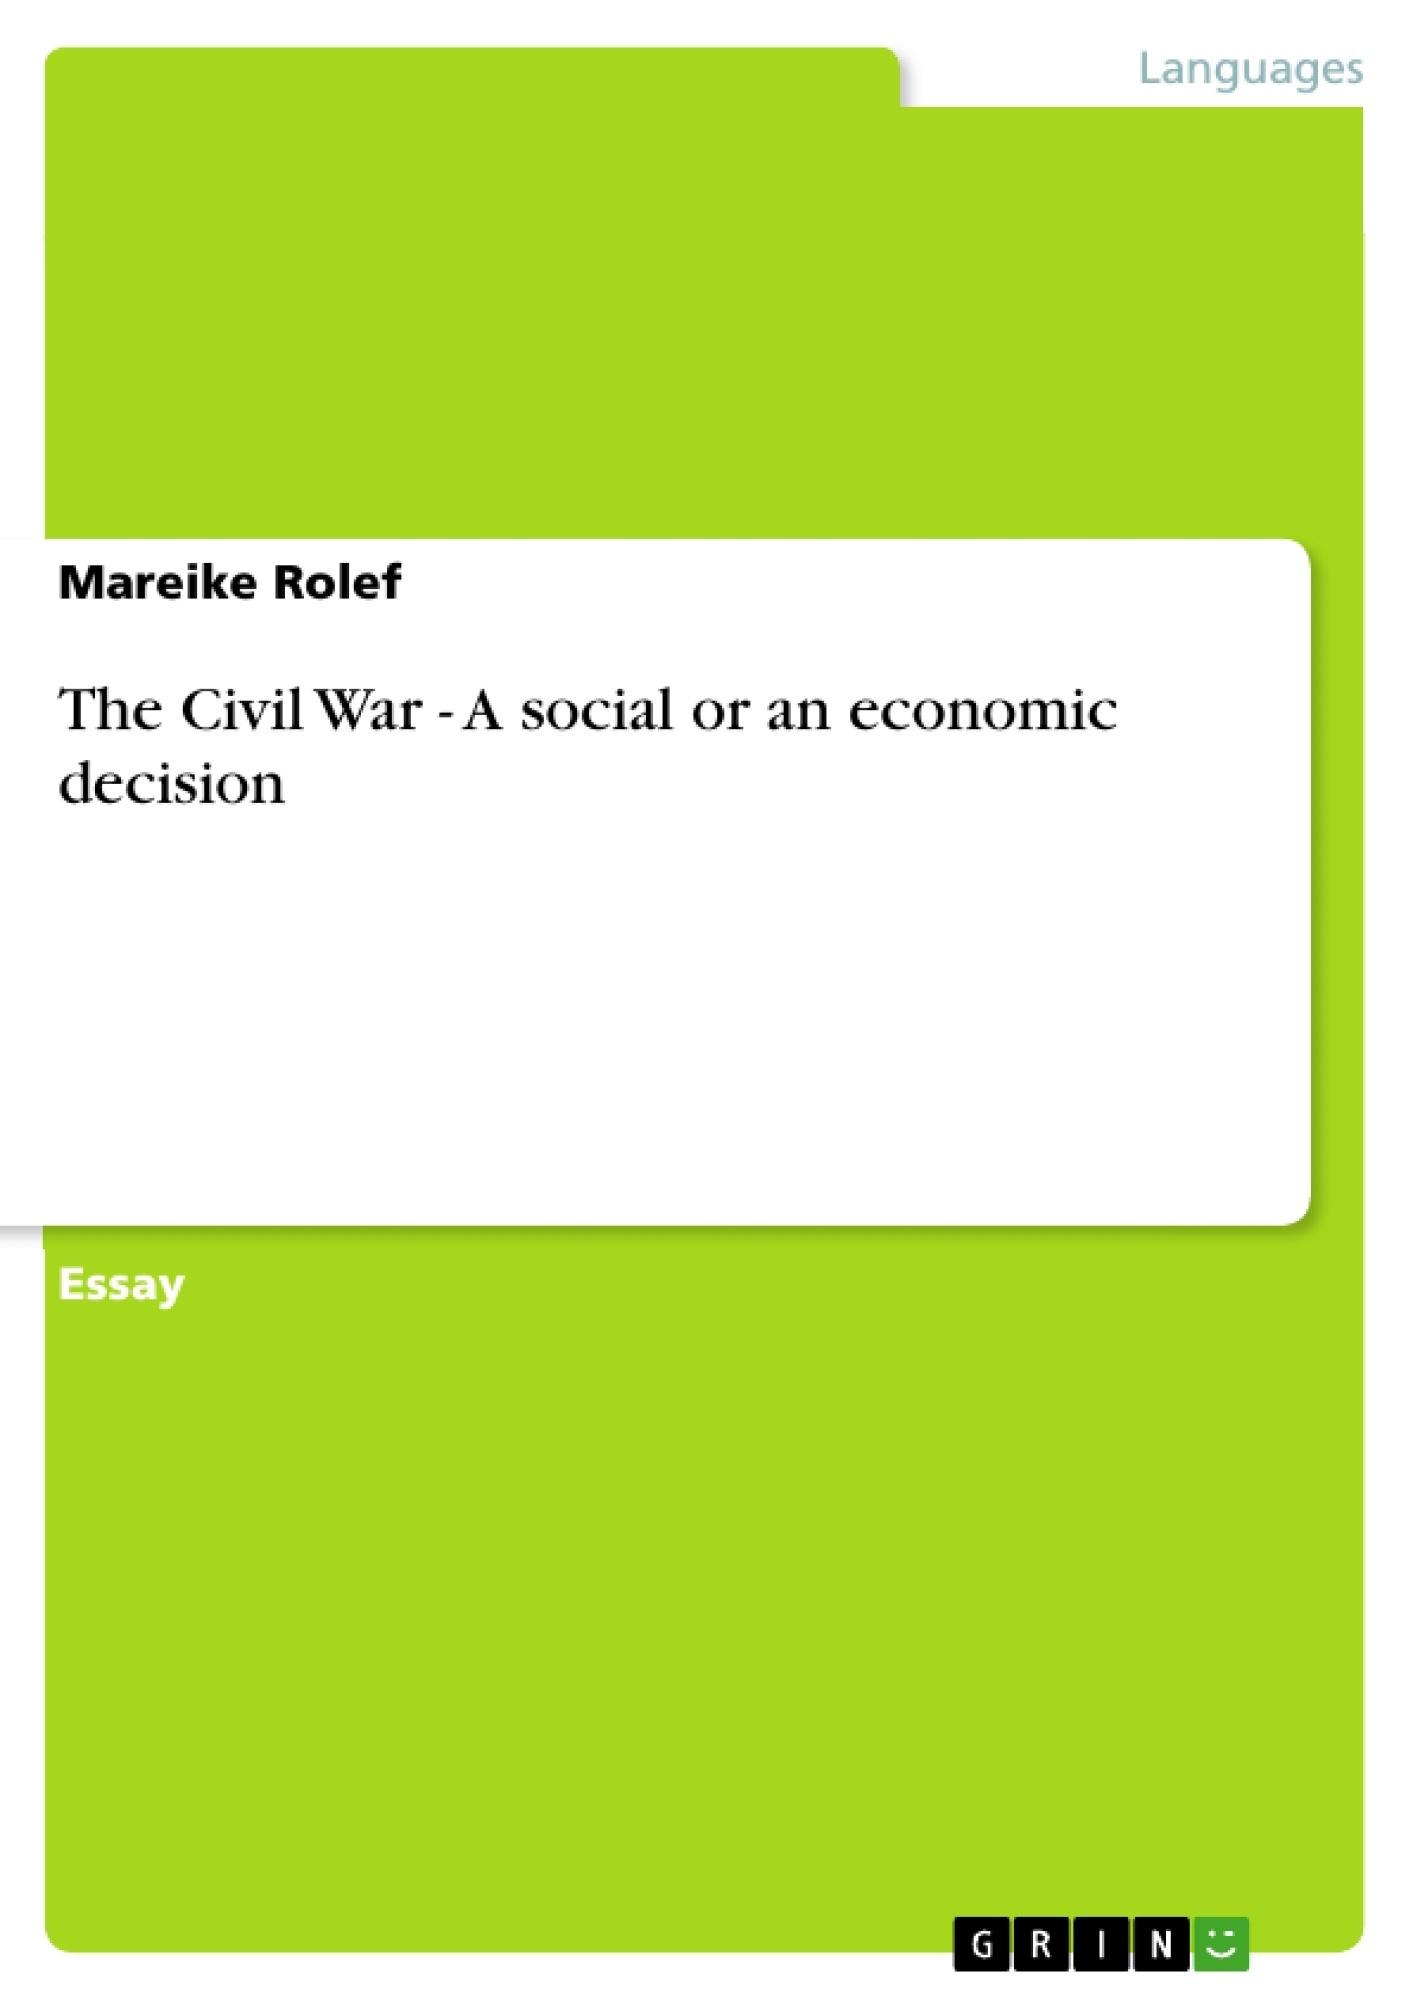 Title: The Civil War - A social or an economic decision